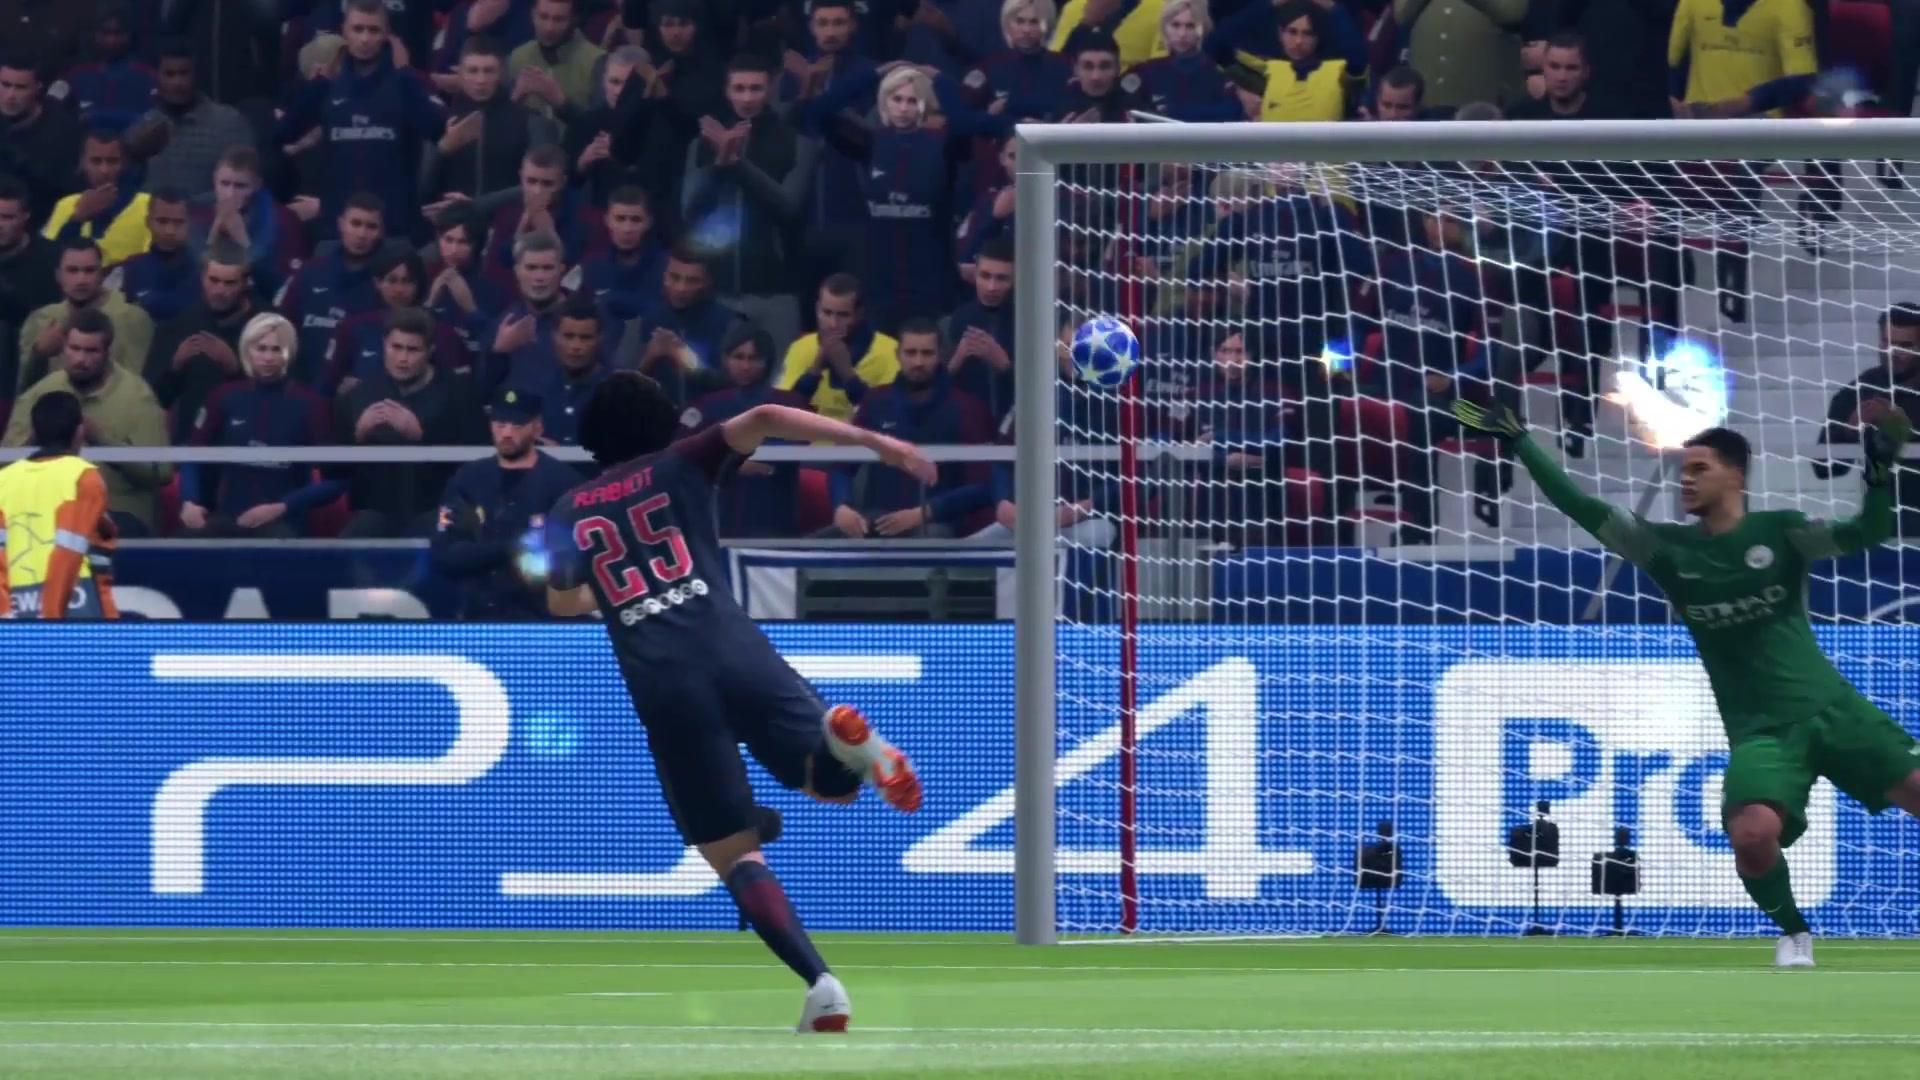 EA:《FIFA 19》生涯与职业俱乐部模式基本无变化